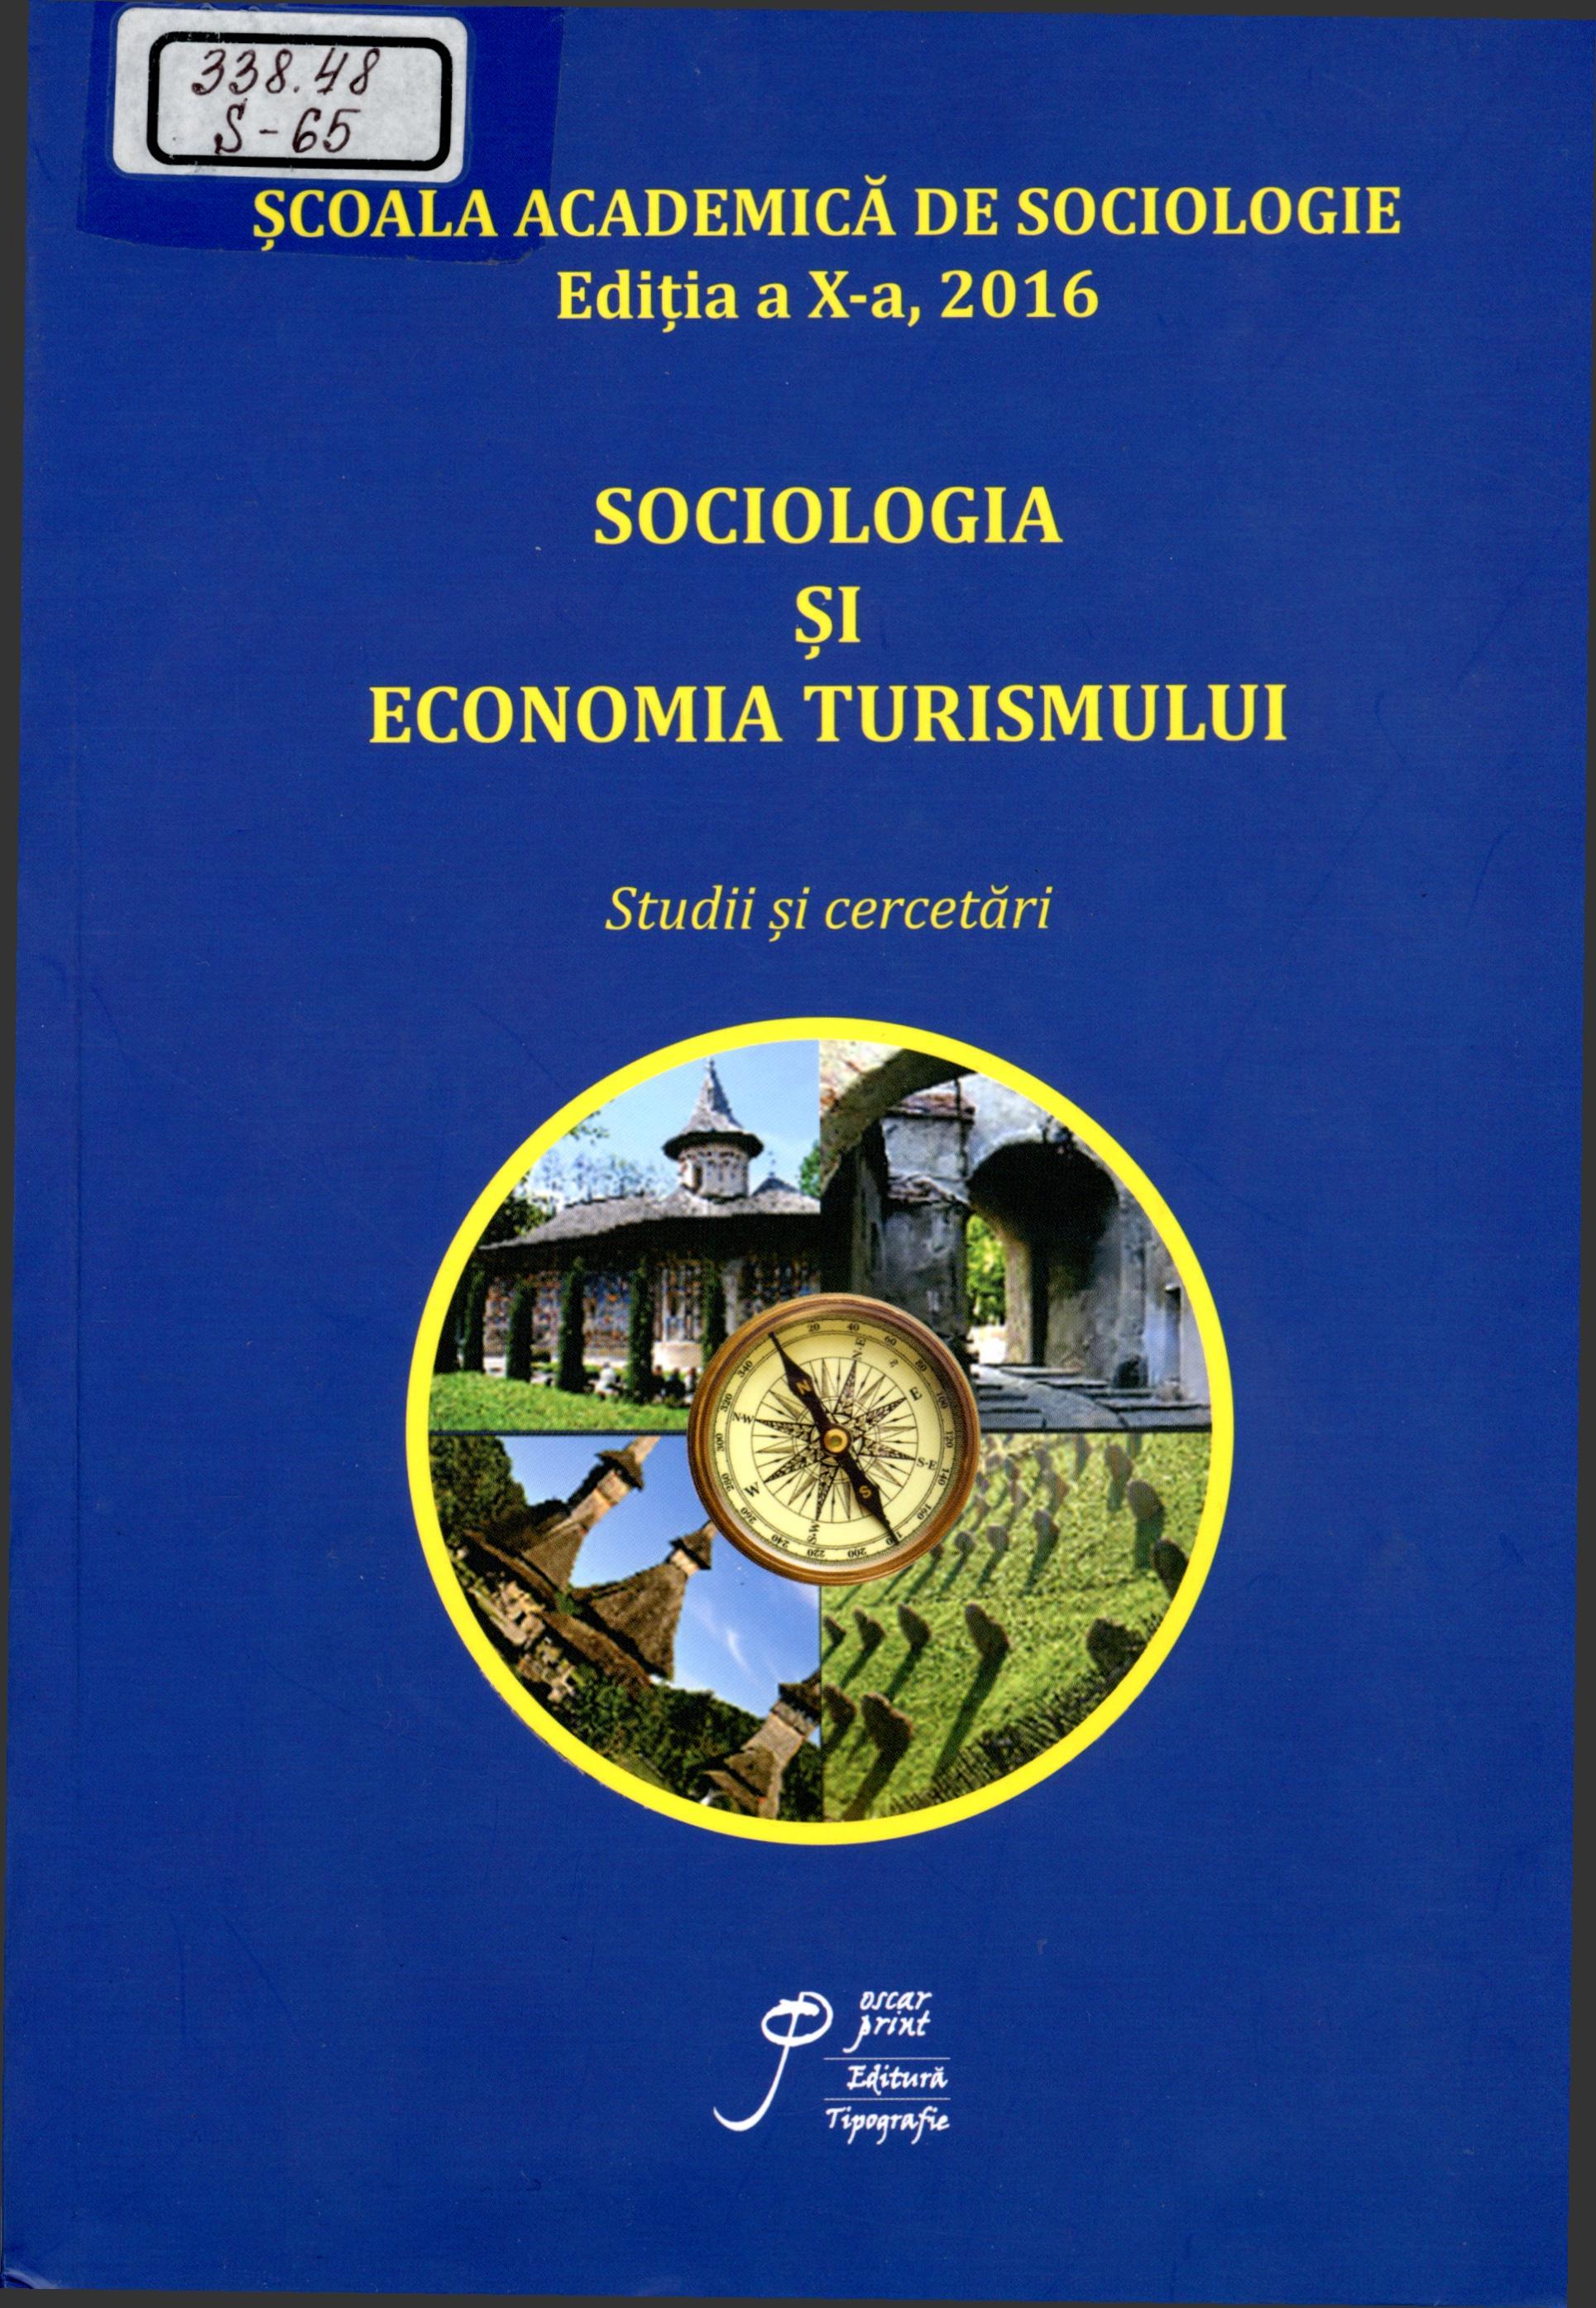 Sociologia și economia turismului: Studii și cercetări